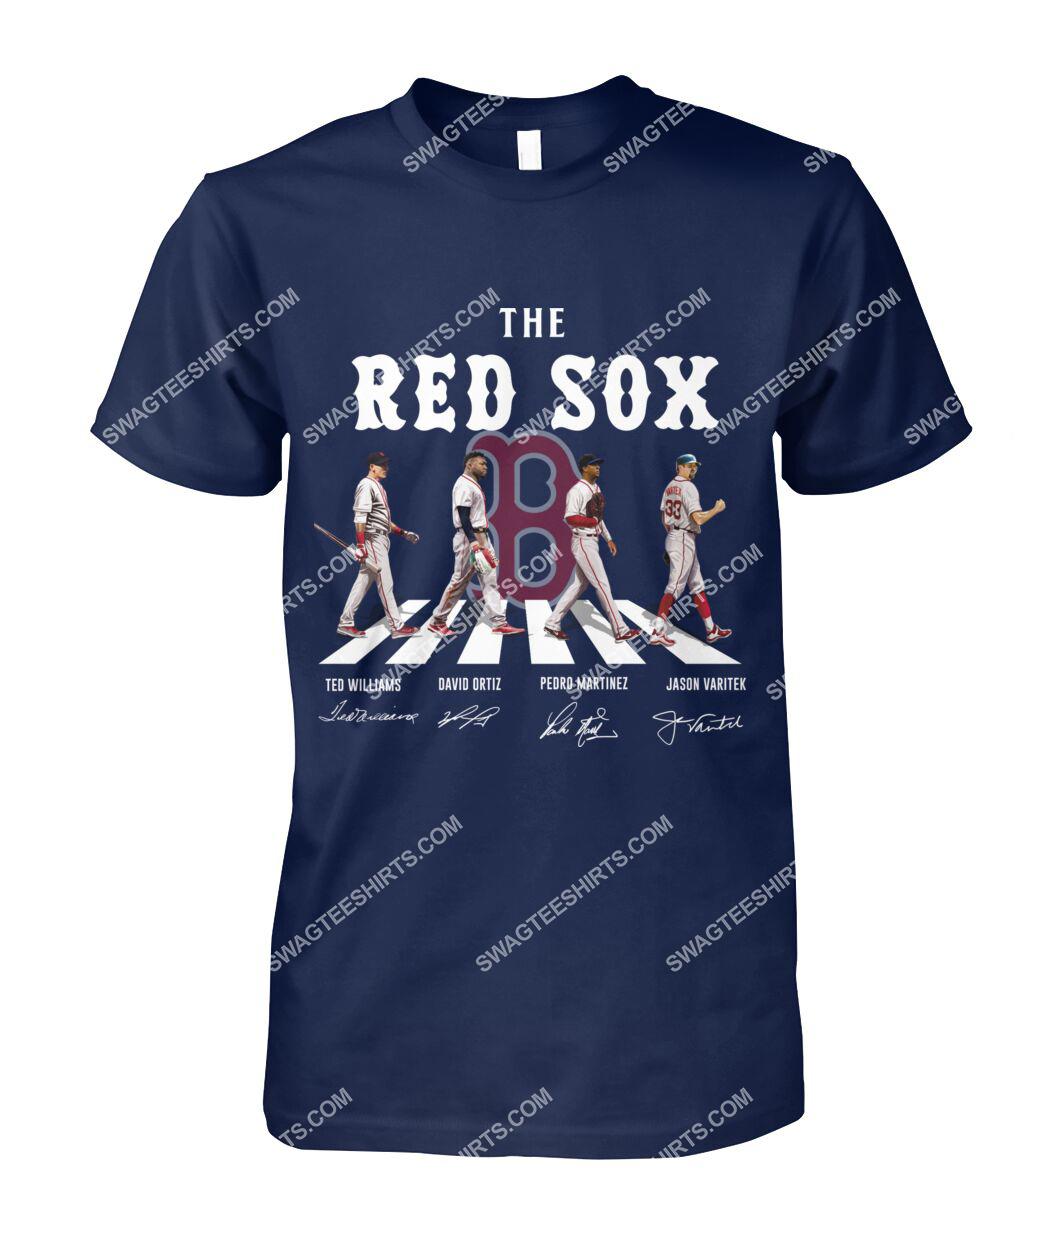 mlb boston red sox signatures abbey road tshirt 1